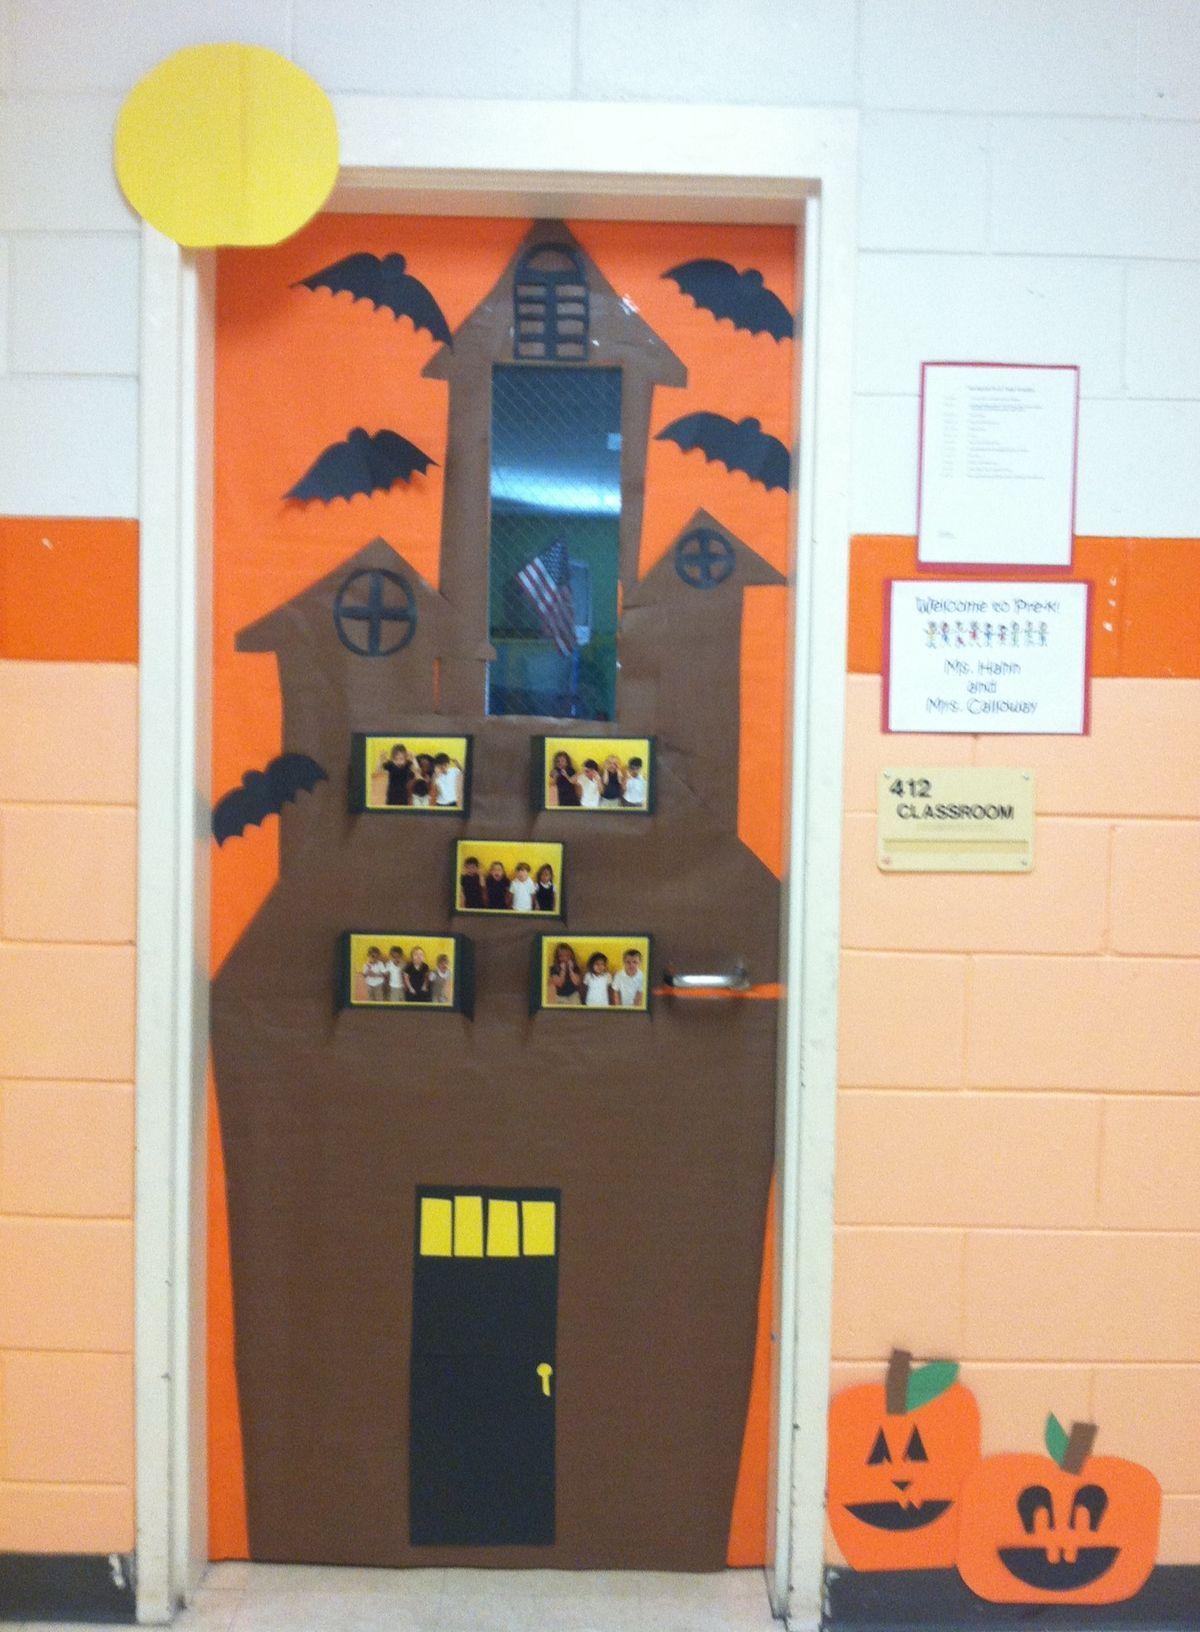 528f22272b6c092d3ea9b67dd8534d8fjpg 1,200×1,632 pixels Halloween - Halloween Classroom Door Decorations